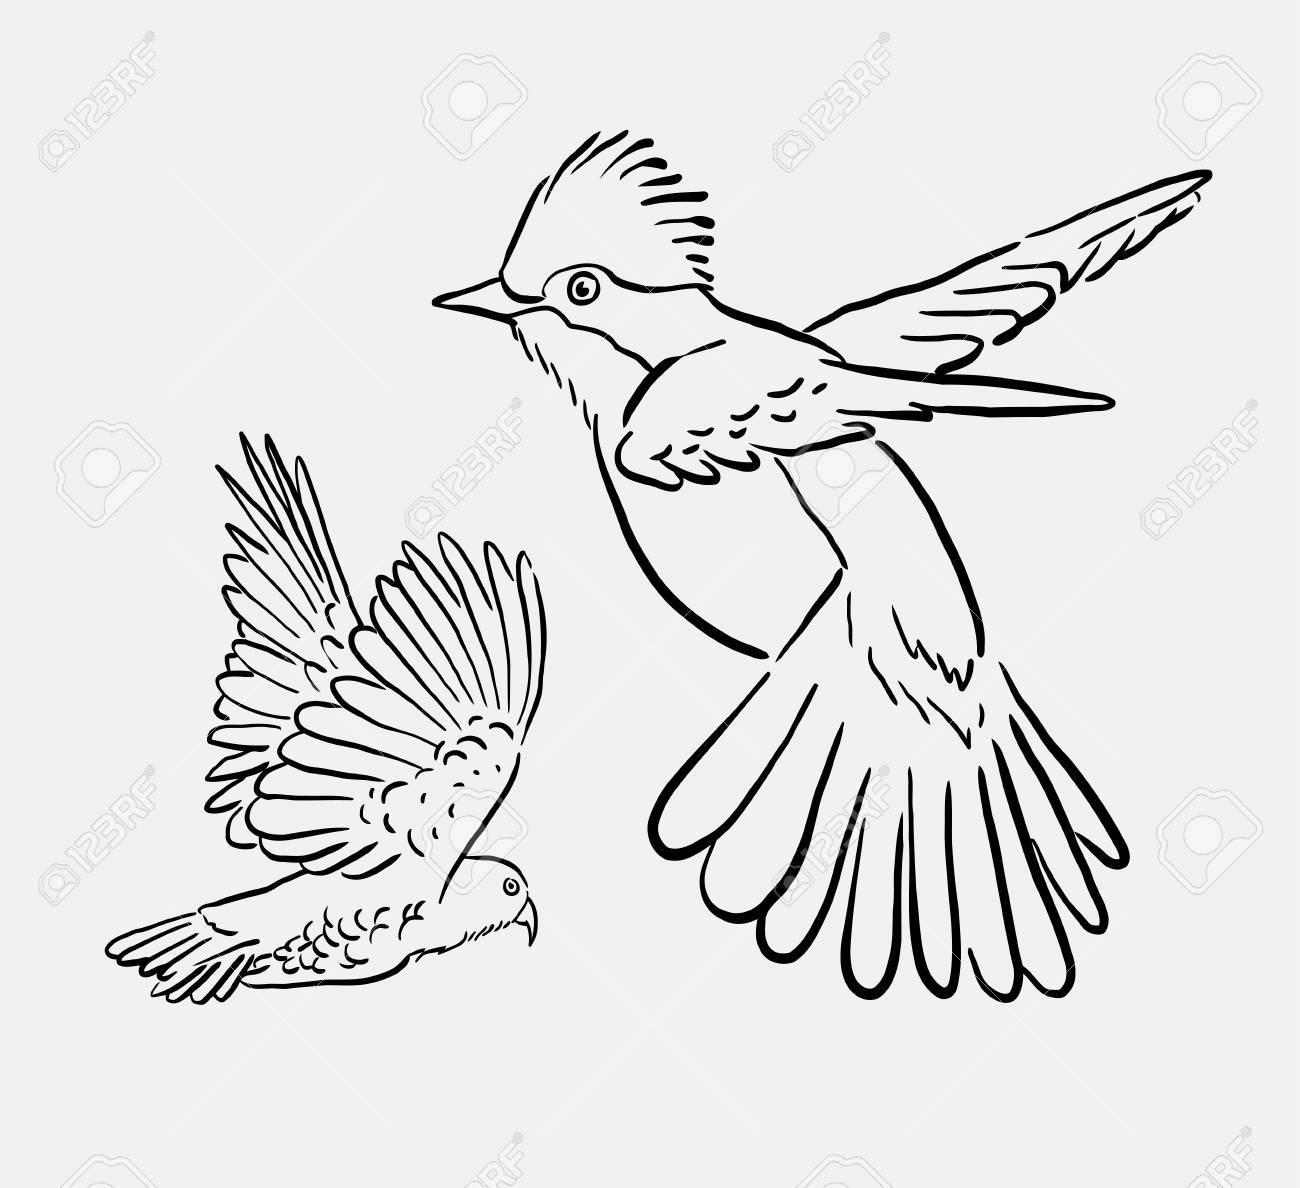 1300x1188 Bird Animal Flying Drawing. Good Use For Symbol, Logo, Web Icon